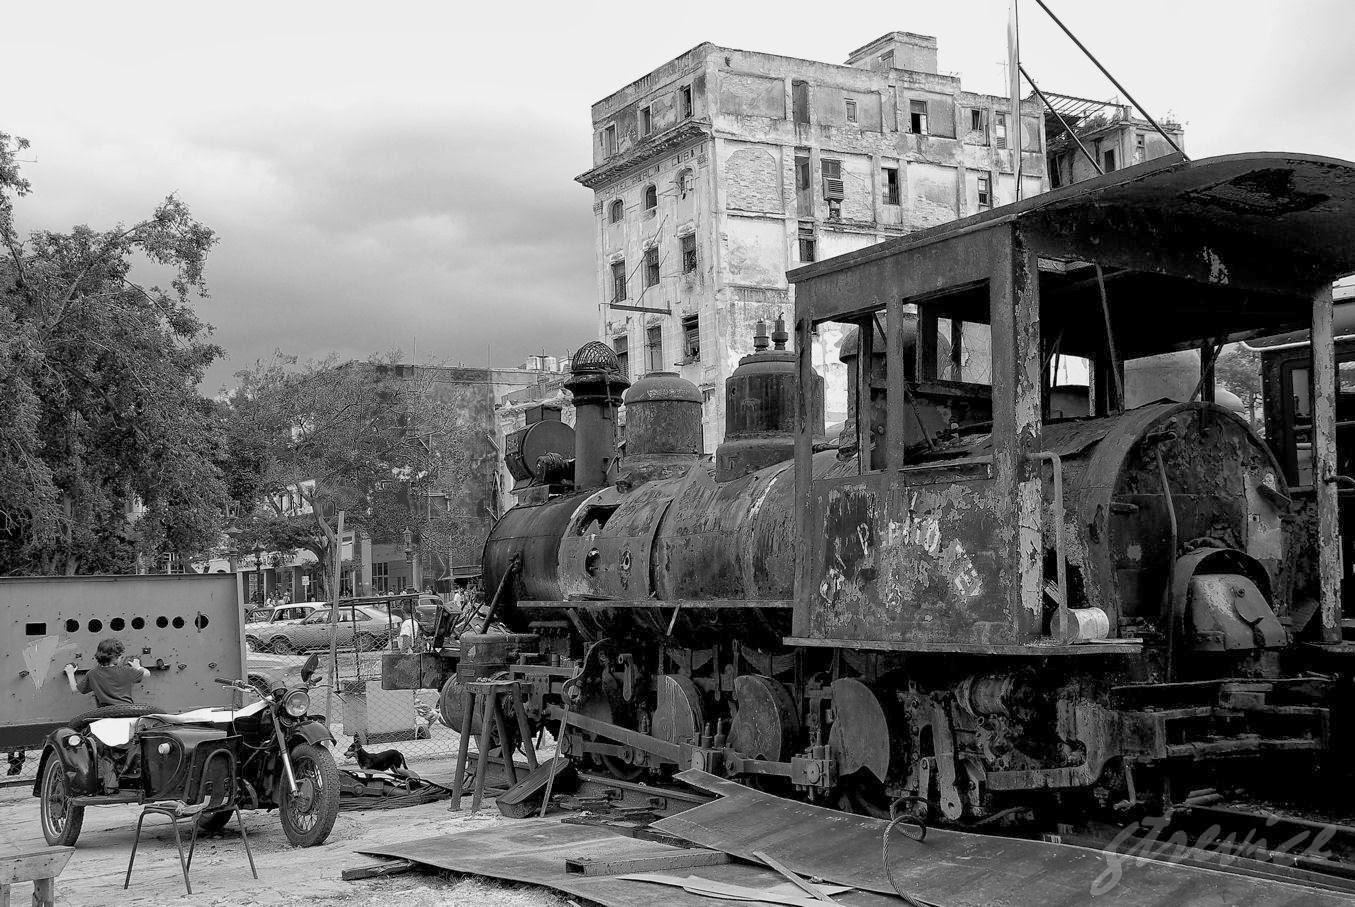 Cuba 2012: La Locomotora Mañalich - La Habana IV